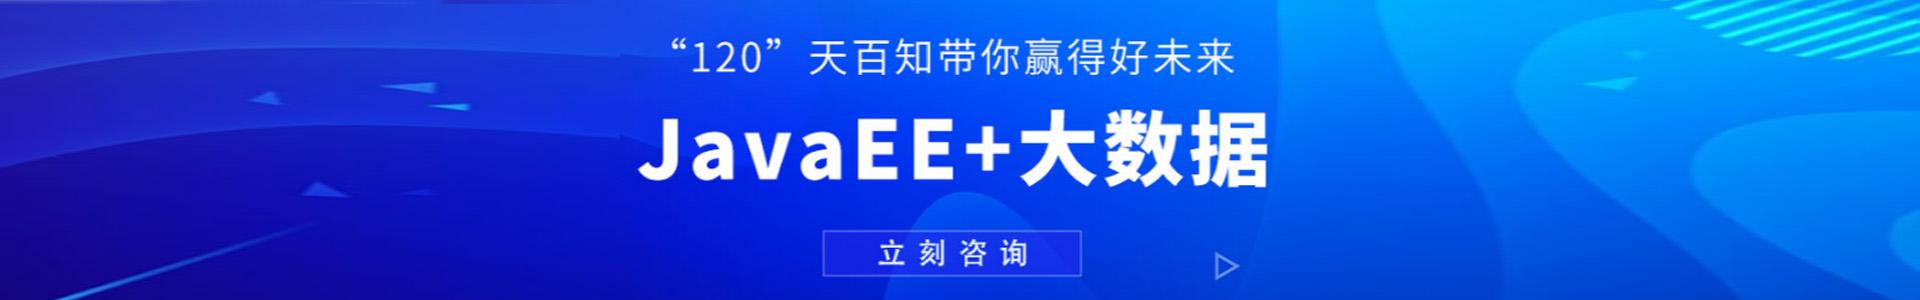 郑州百知IT教育